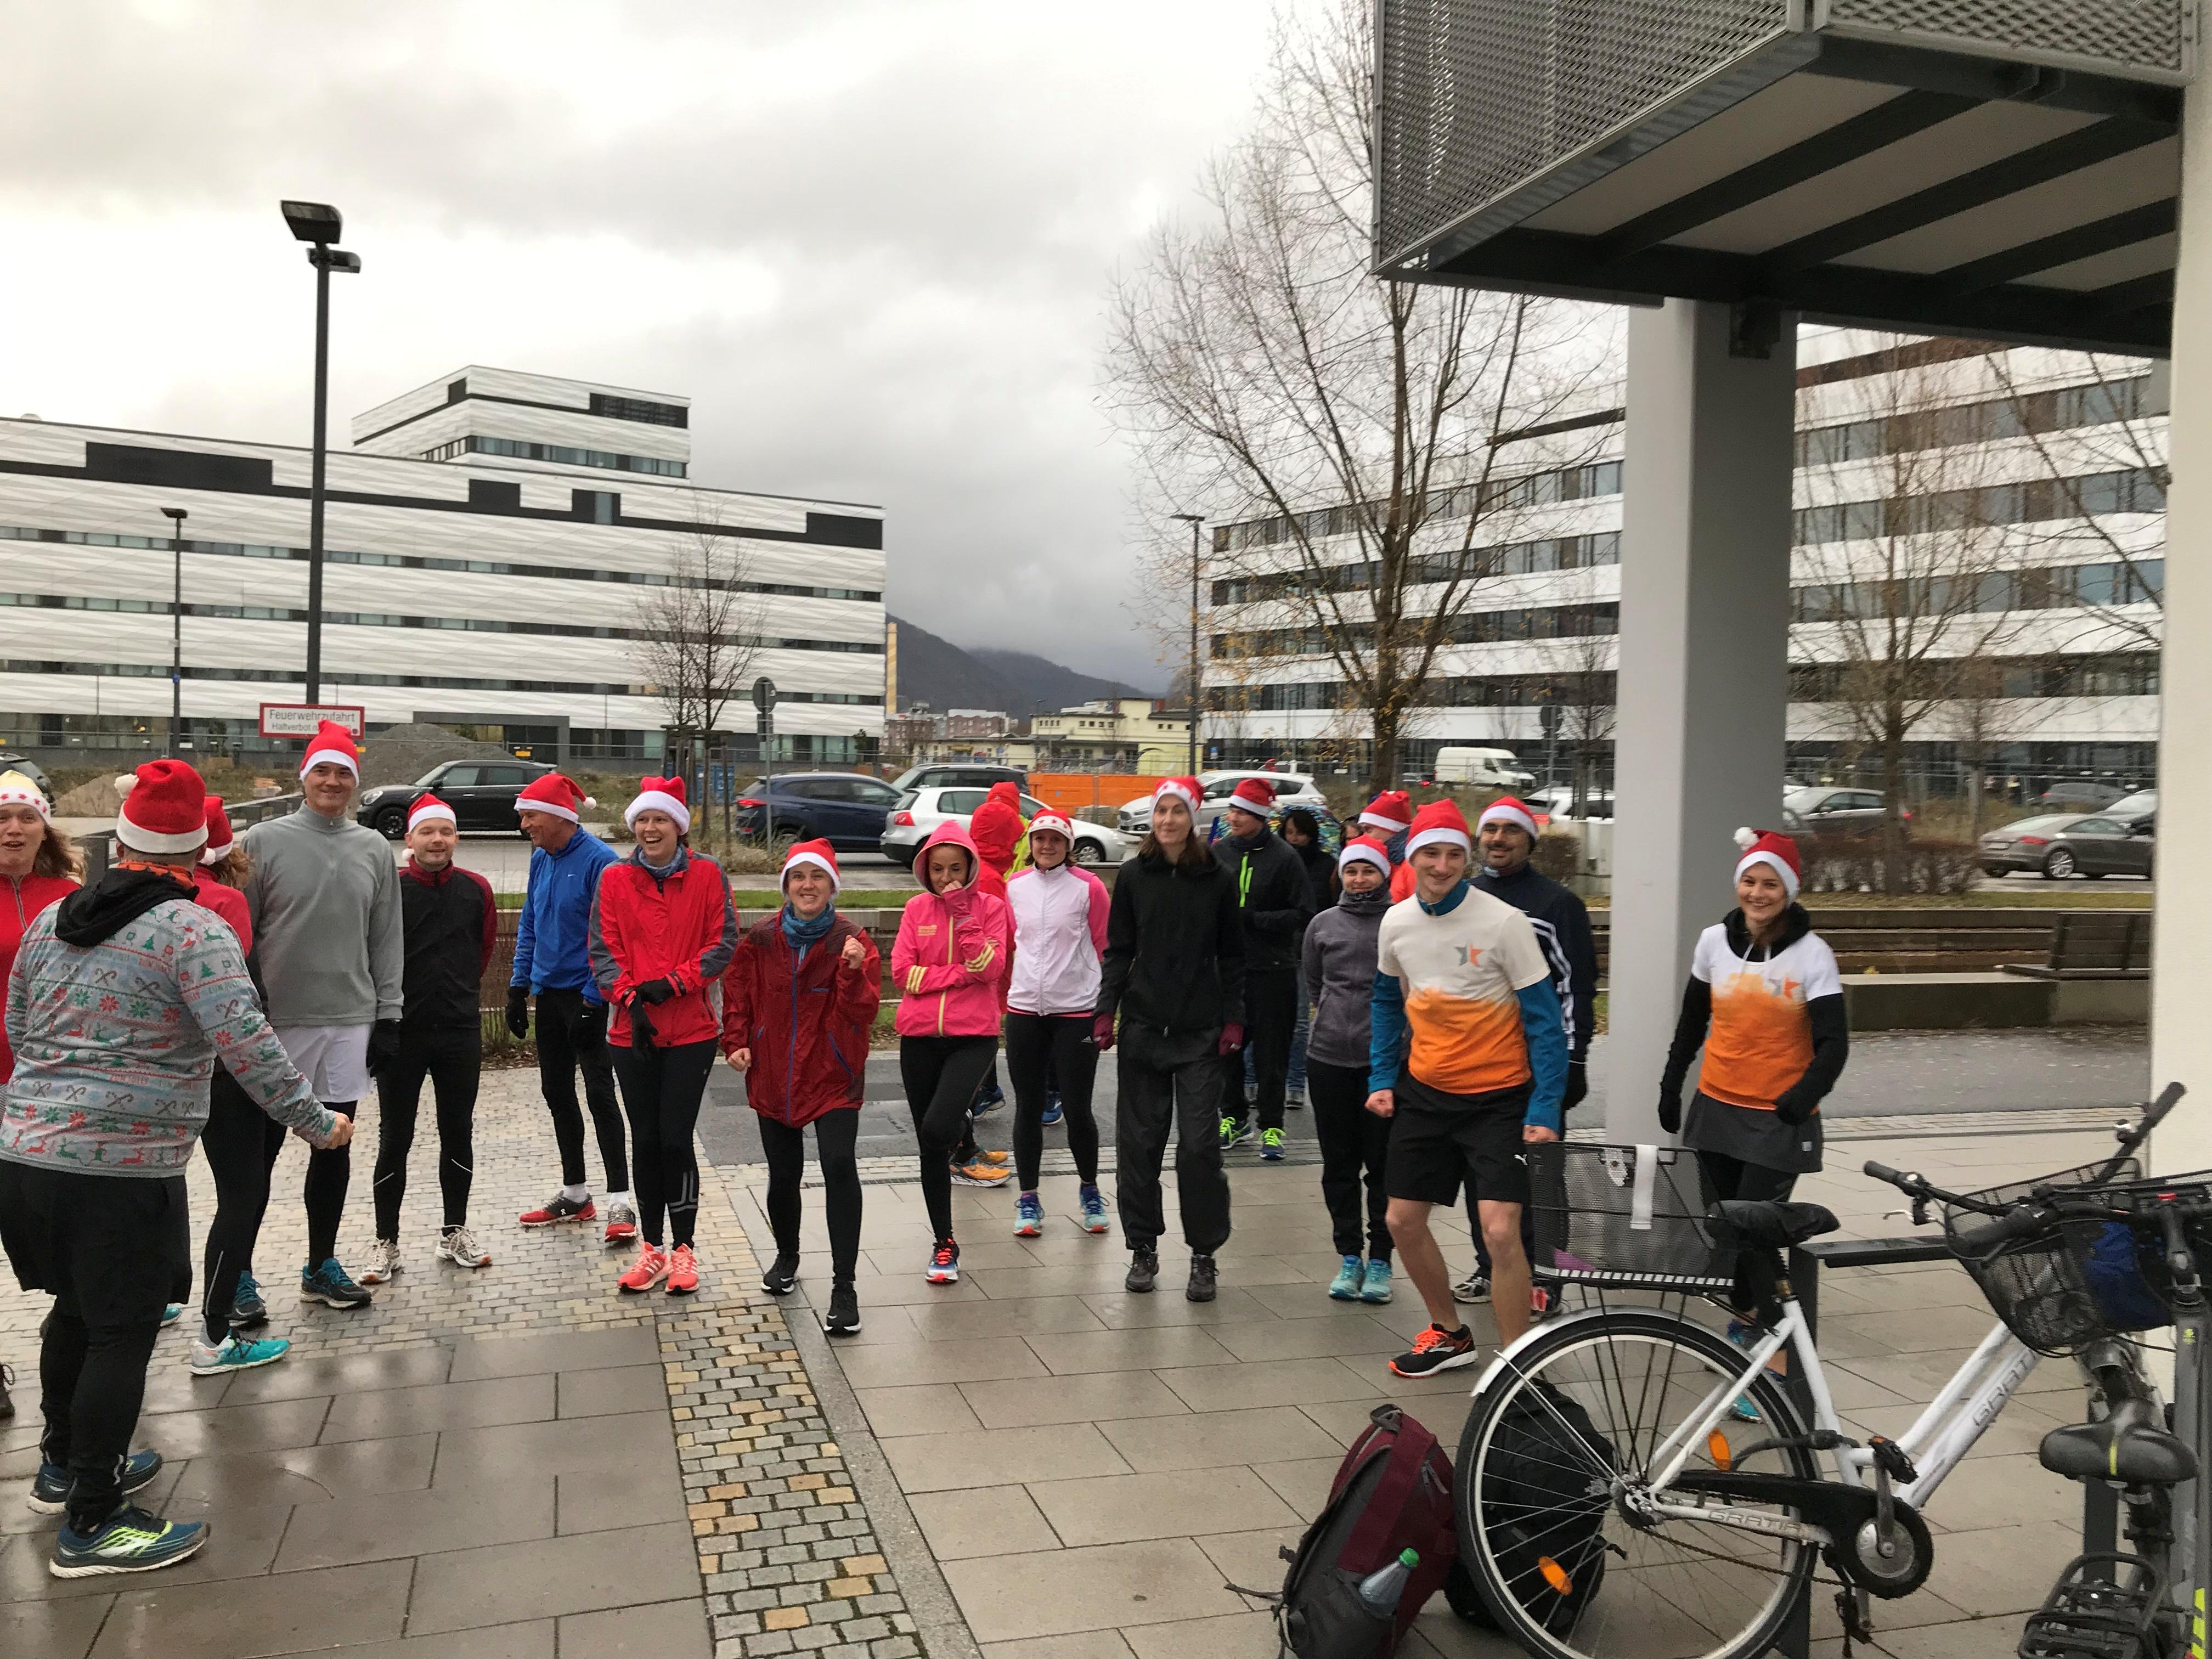 Nikolauszipfelmützenlauf 2018 coole Stimmung vor dem Start